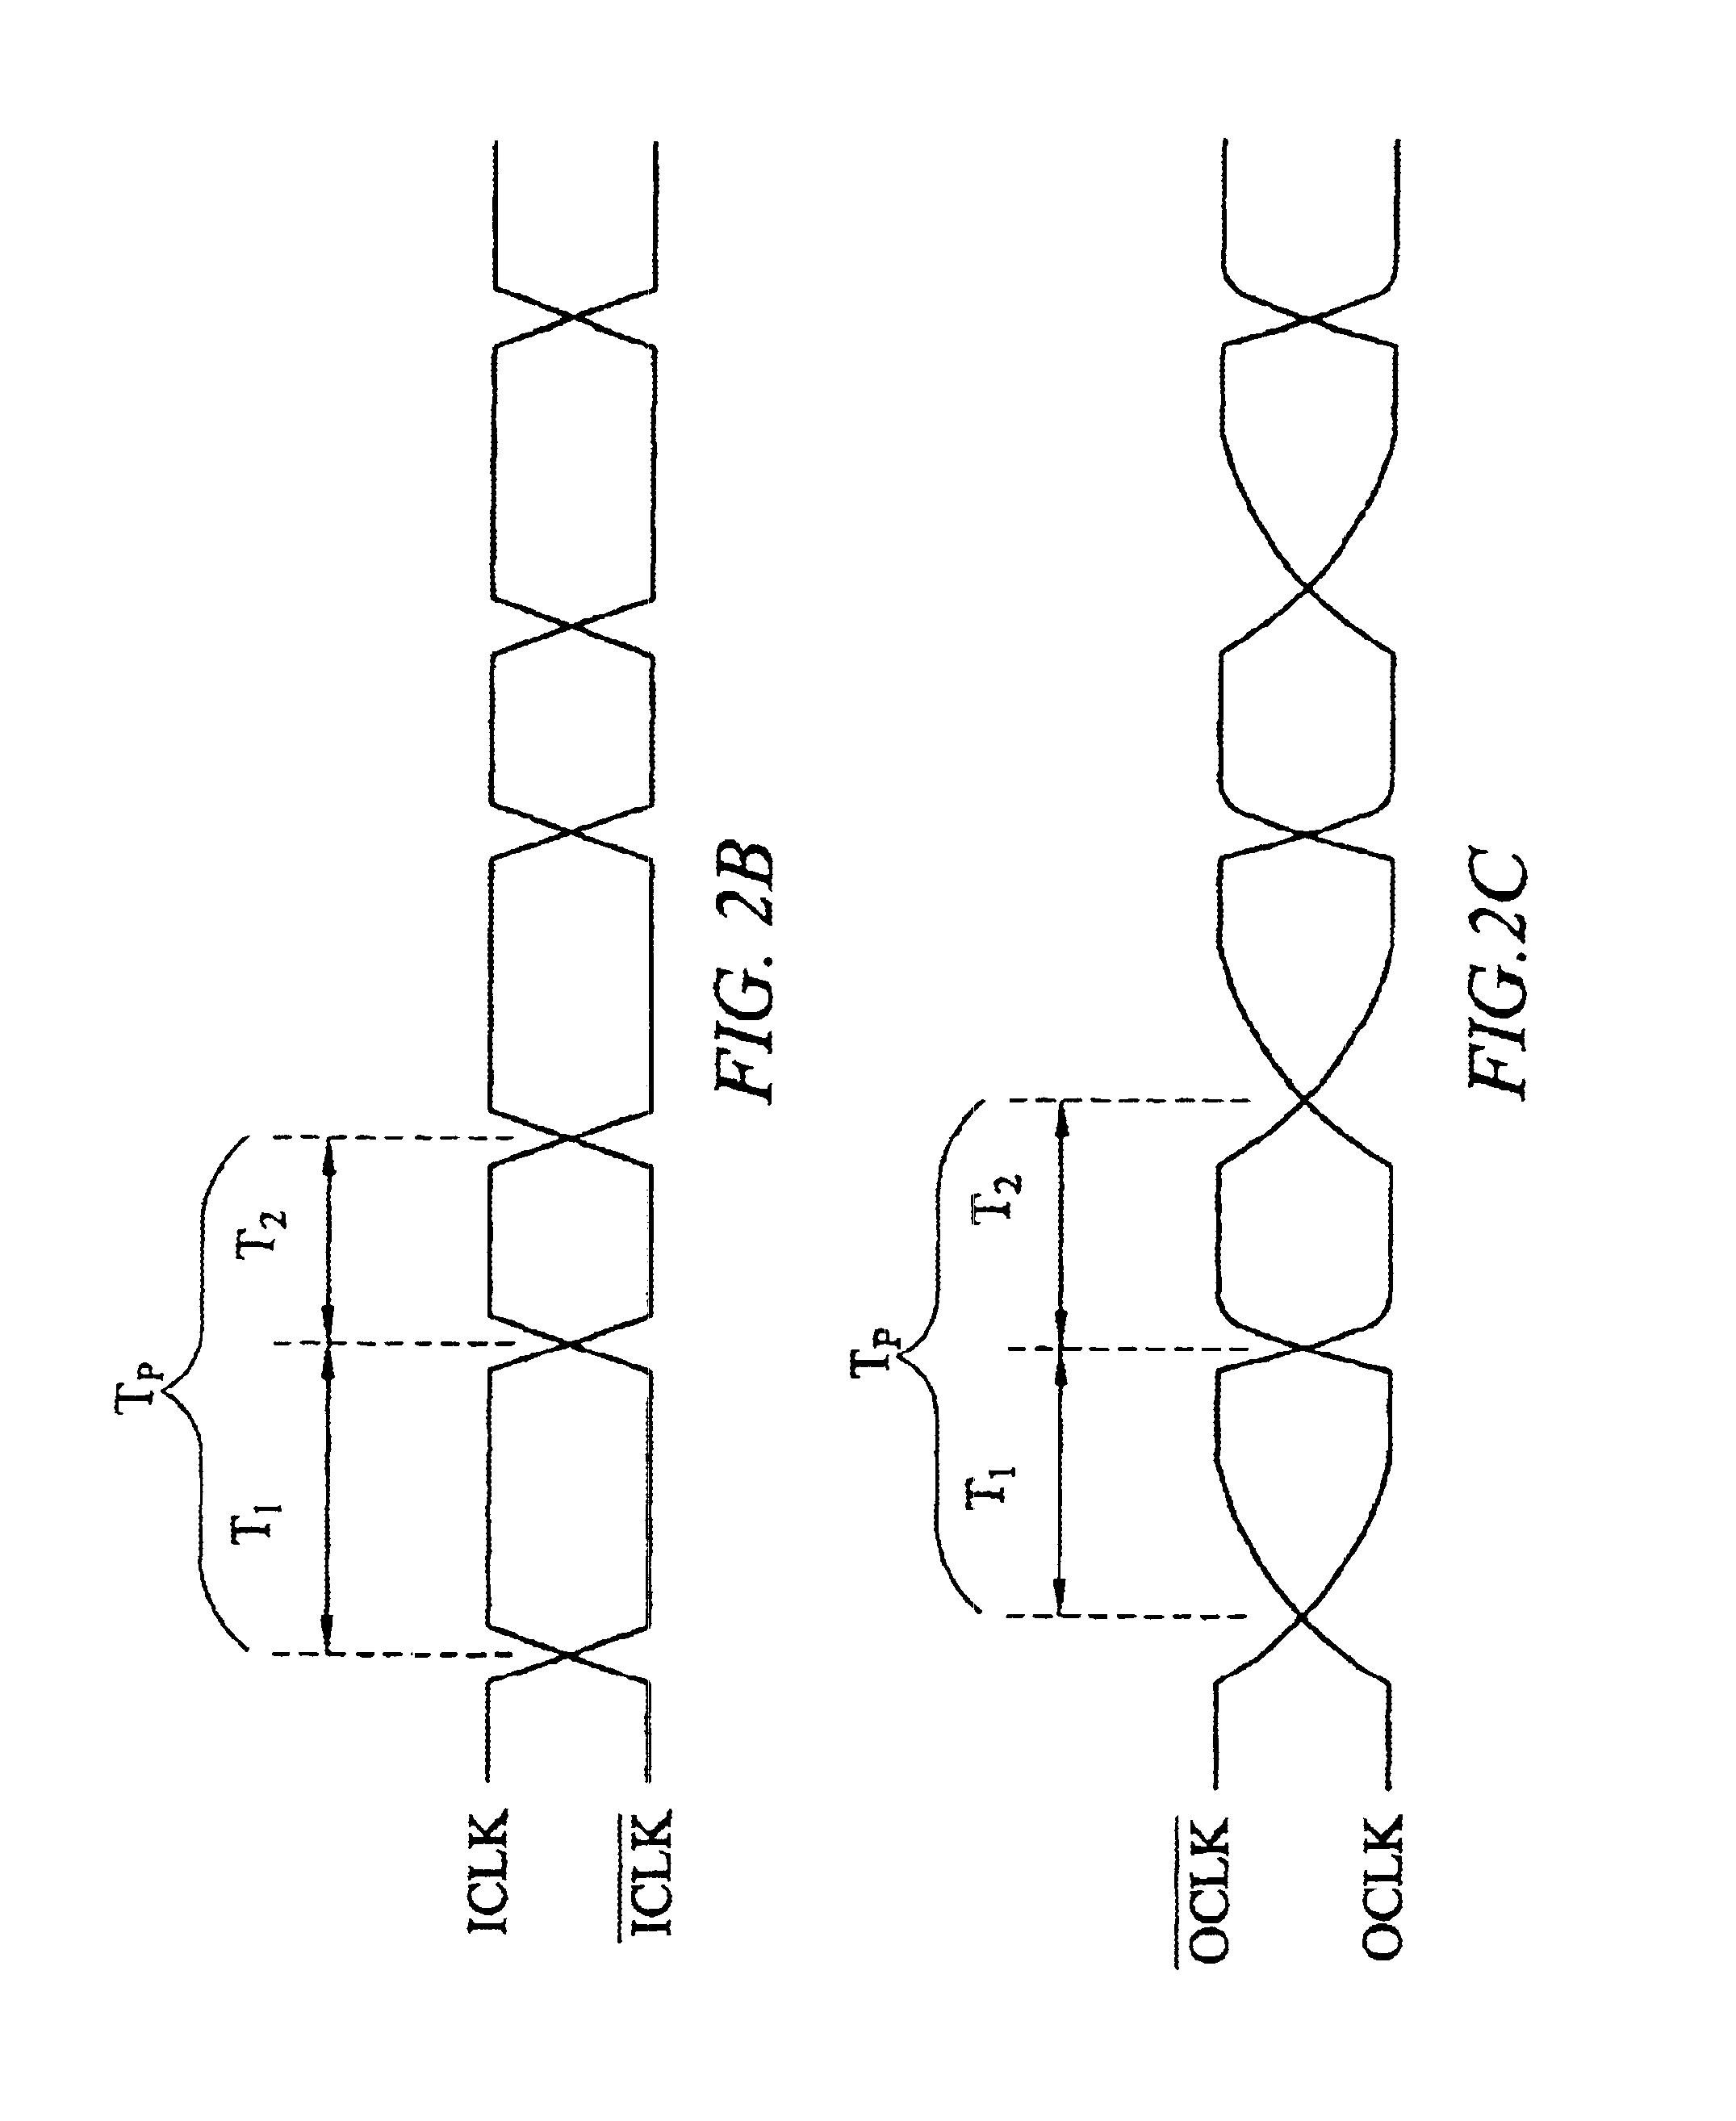 patent us6643790